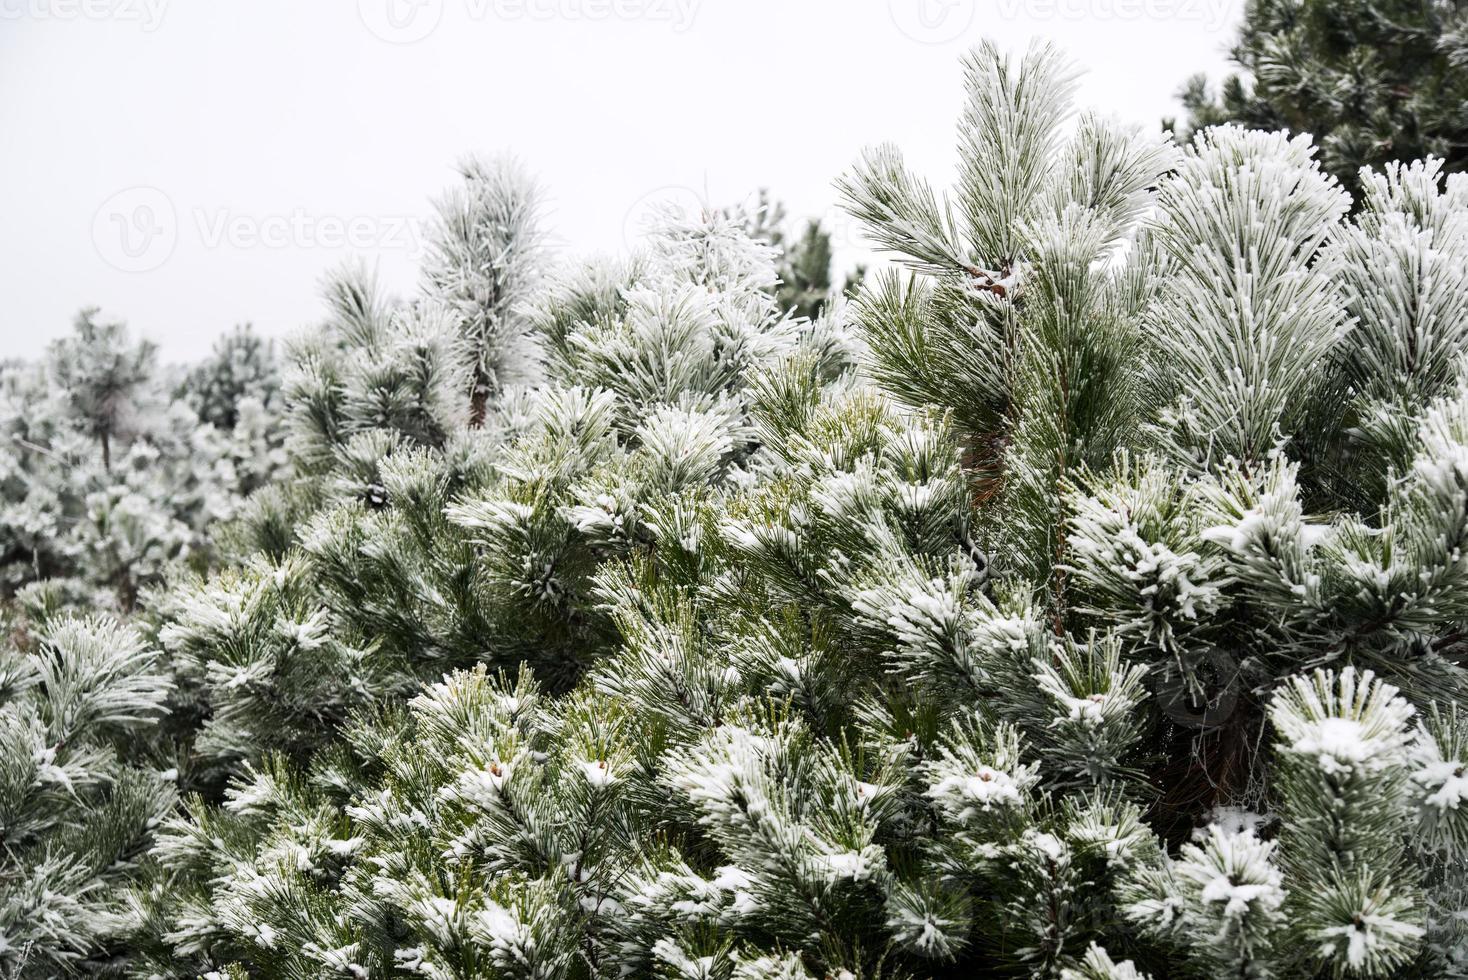 aiguilles de pin et de pin couvertes de neige photo